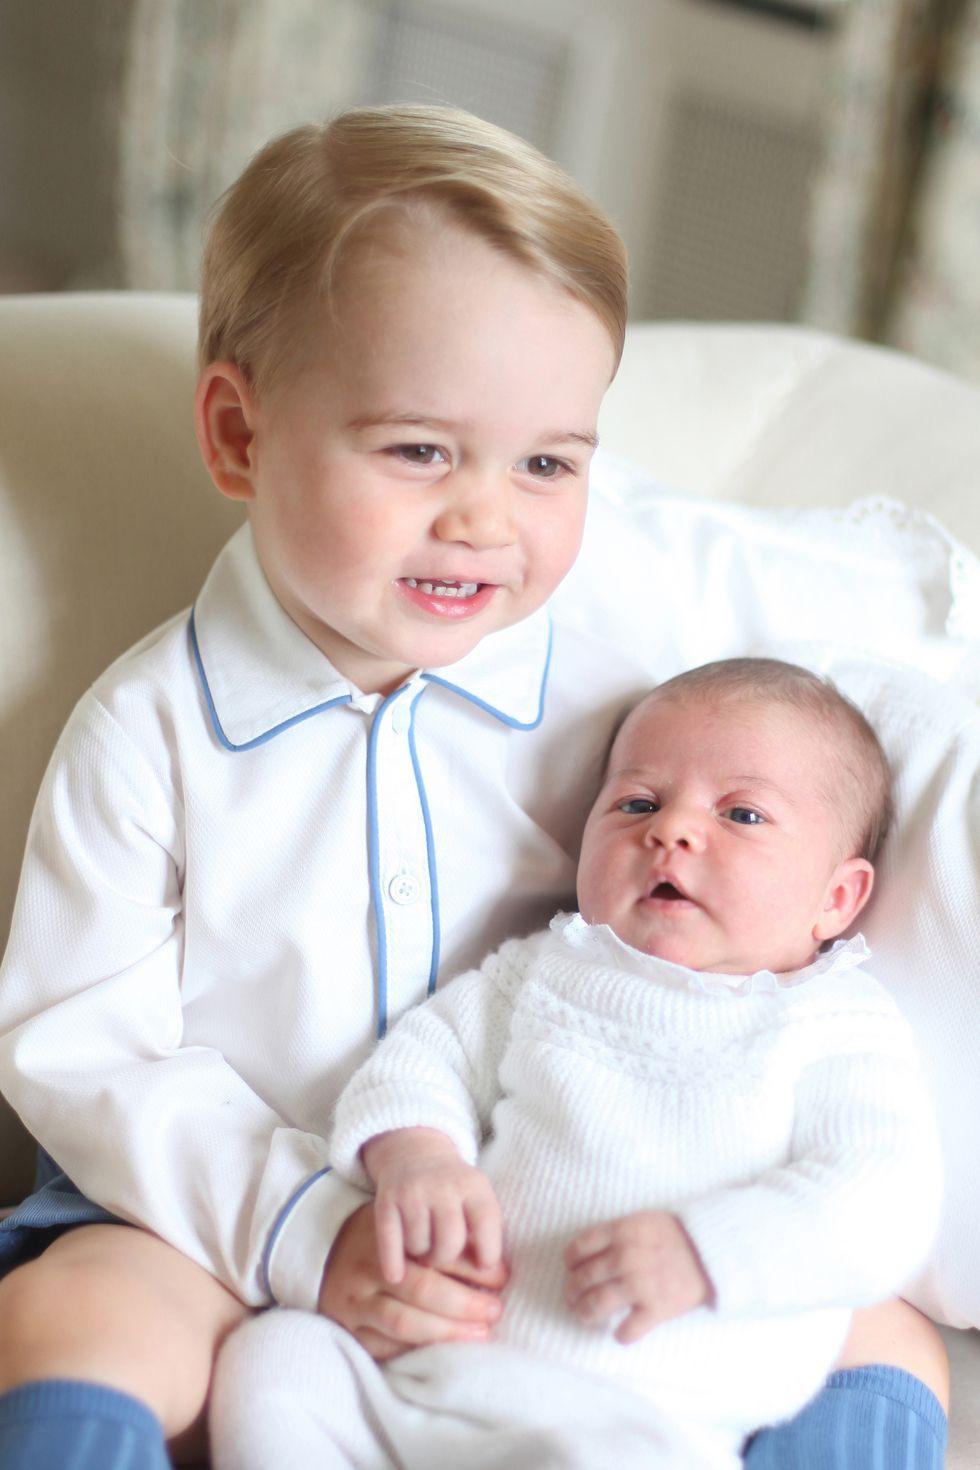 Xem 25 bức ảnh chân dung của Hoàng gia Anh, bạn sẽ hiểu thêm về 8 thế hệ của gia đình quyền lực này - Ảnh 20.